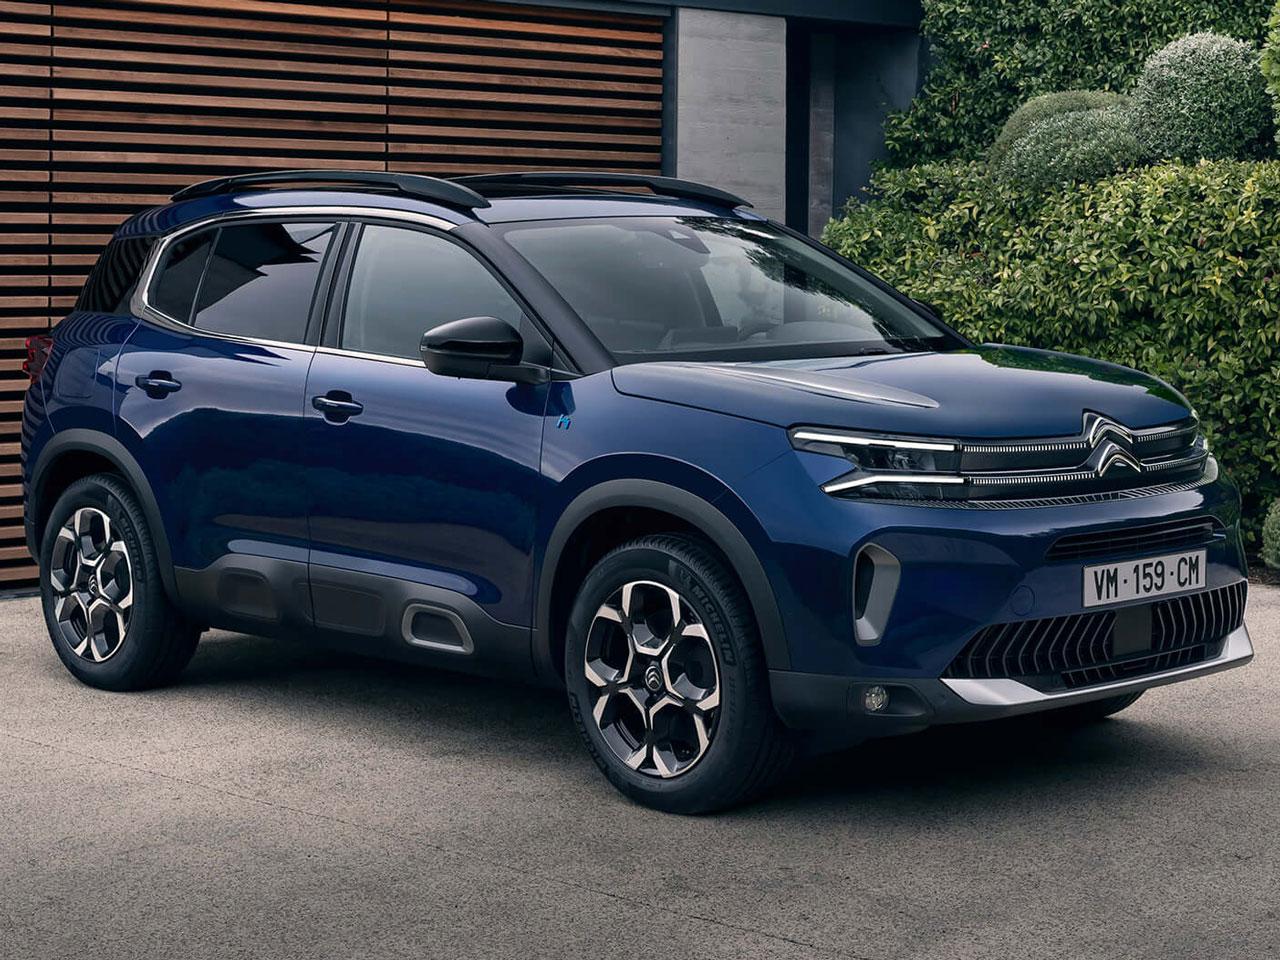 シトロエン C5 AIRCROSS SUV 2019年モデル 新車画像